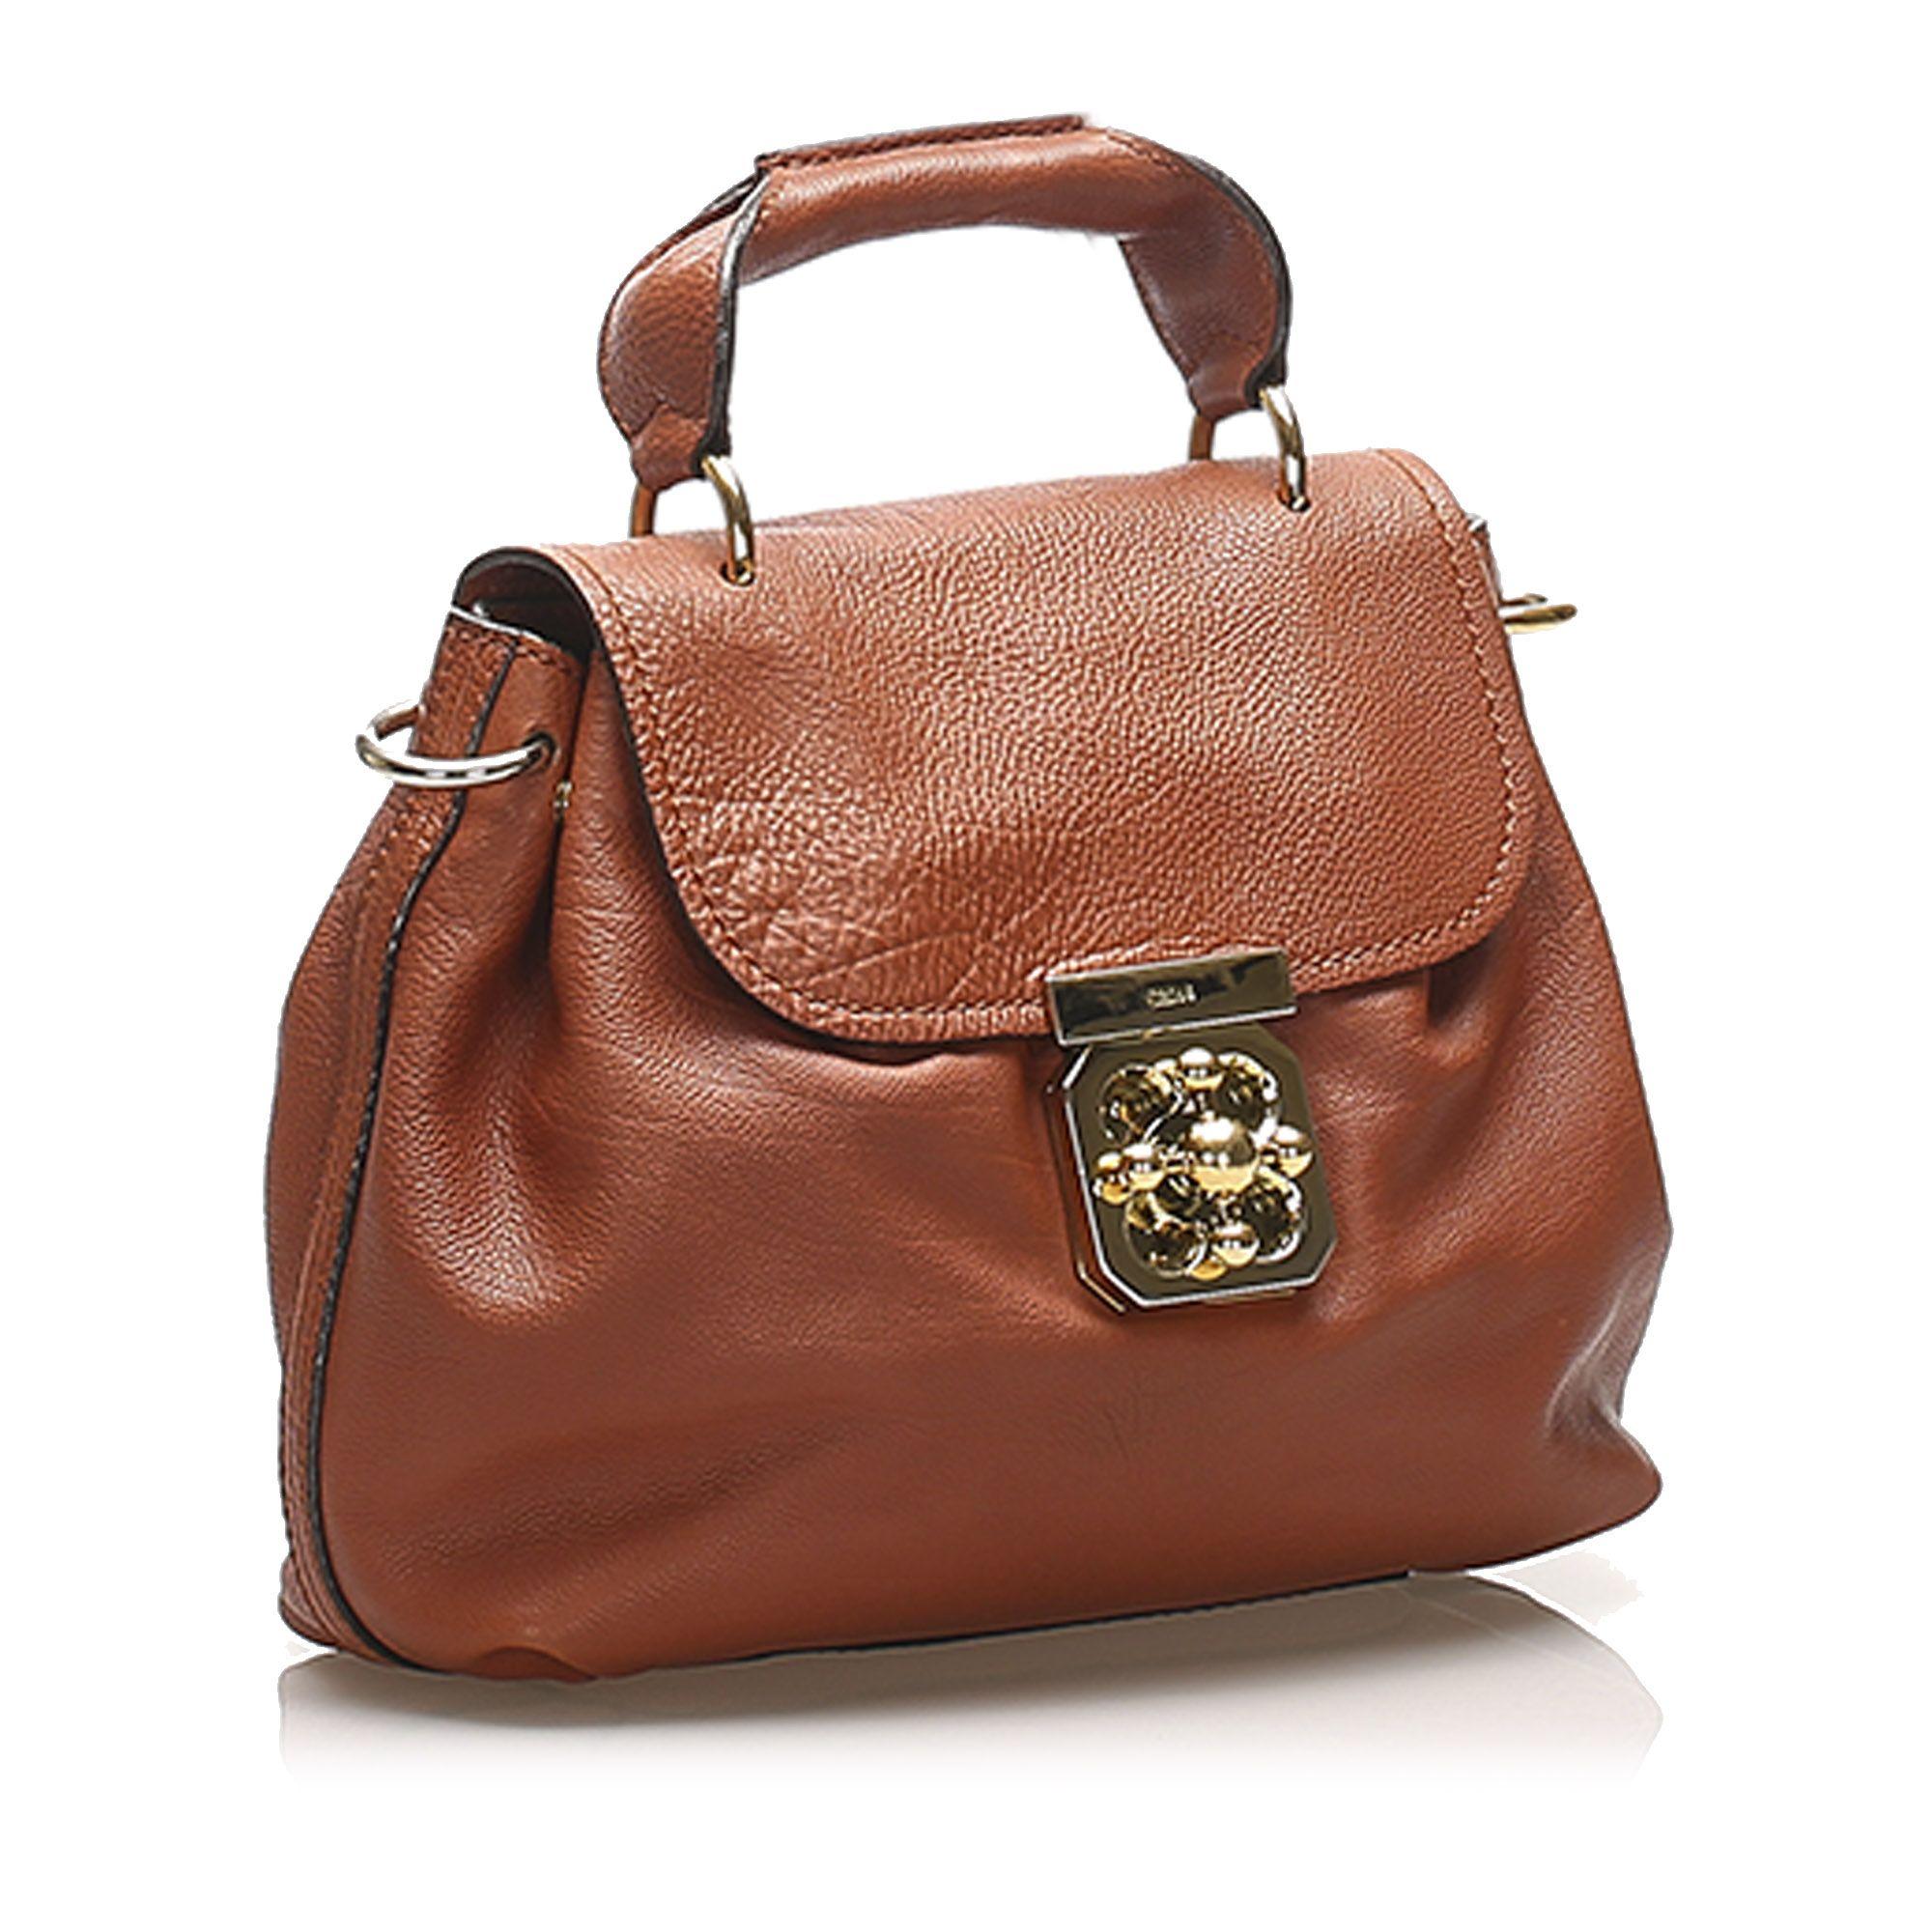 Vintage Chloe Elsie Leather Satchel Brown